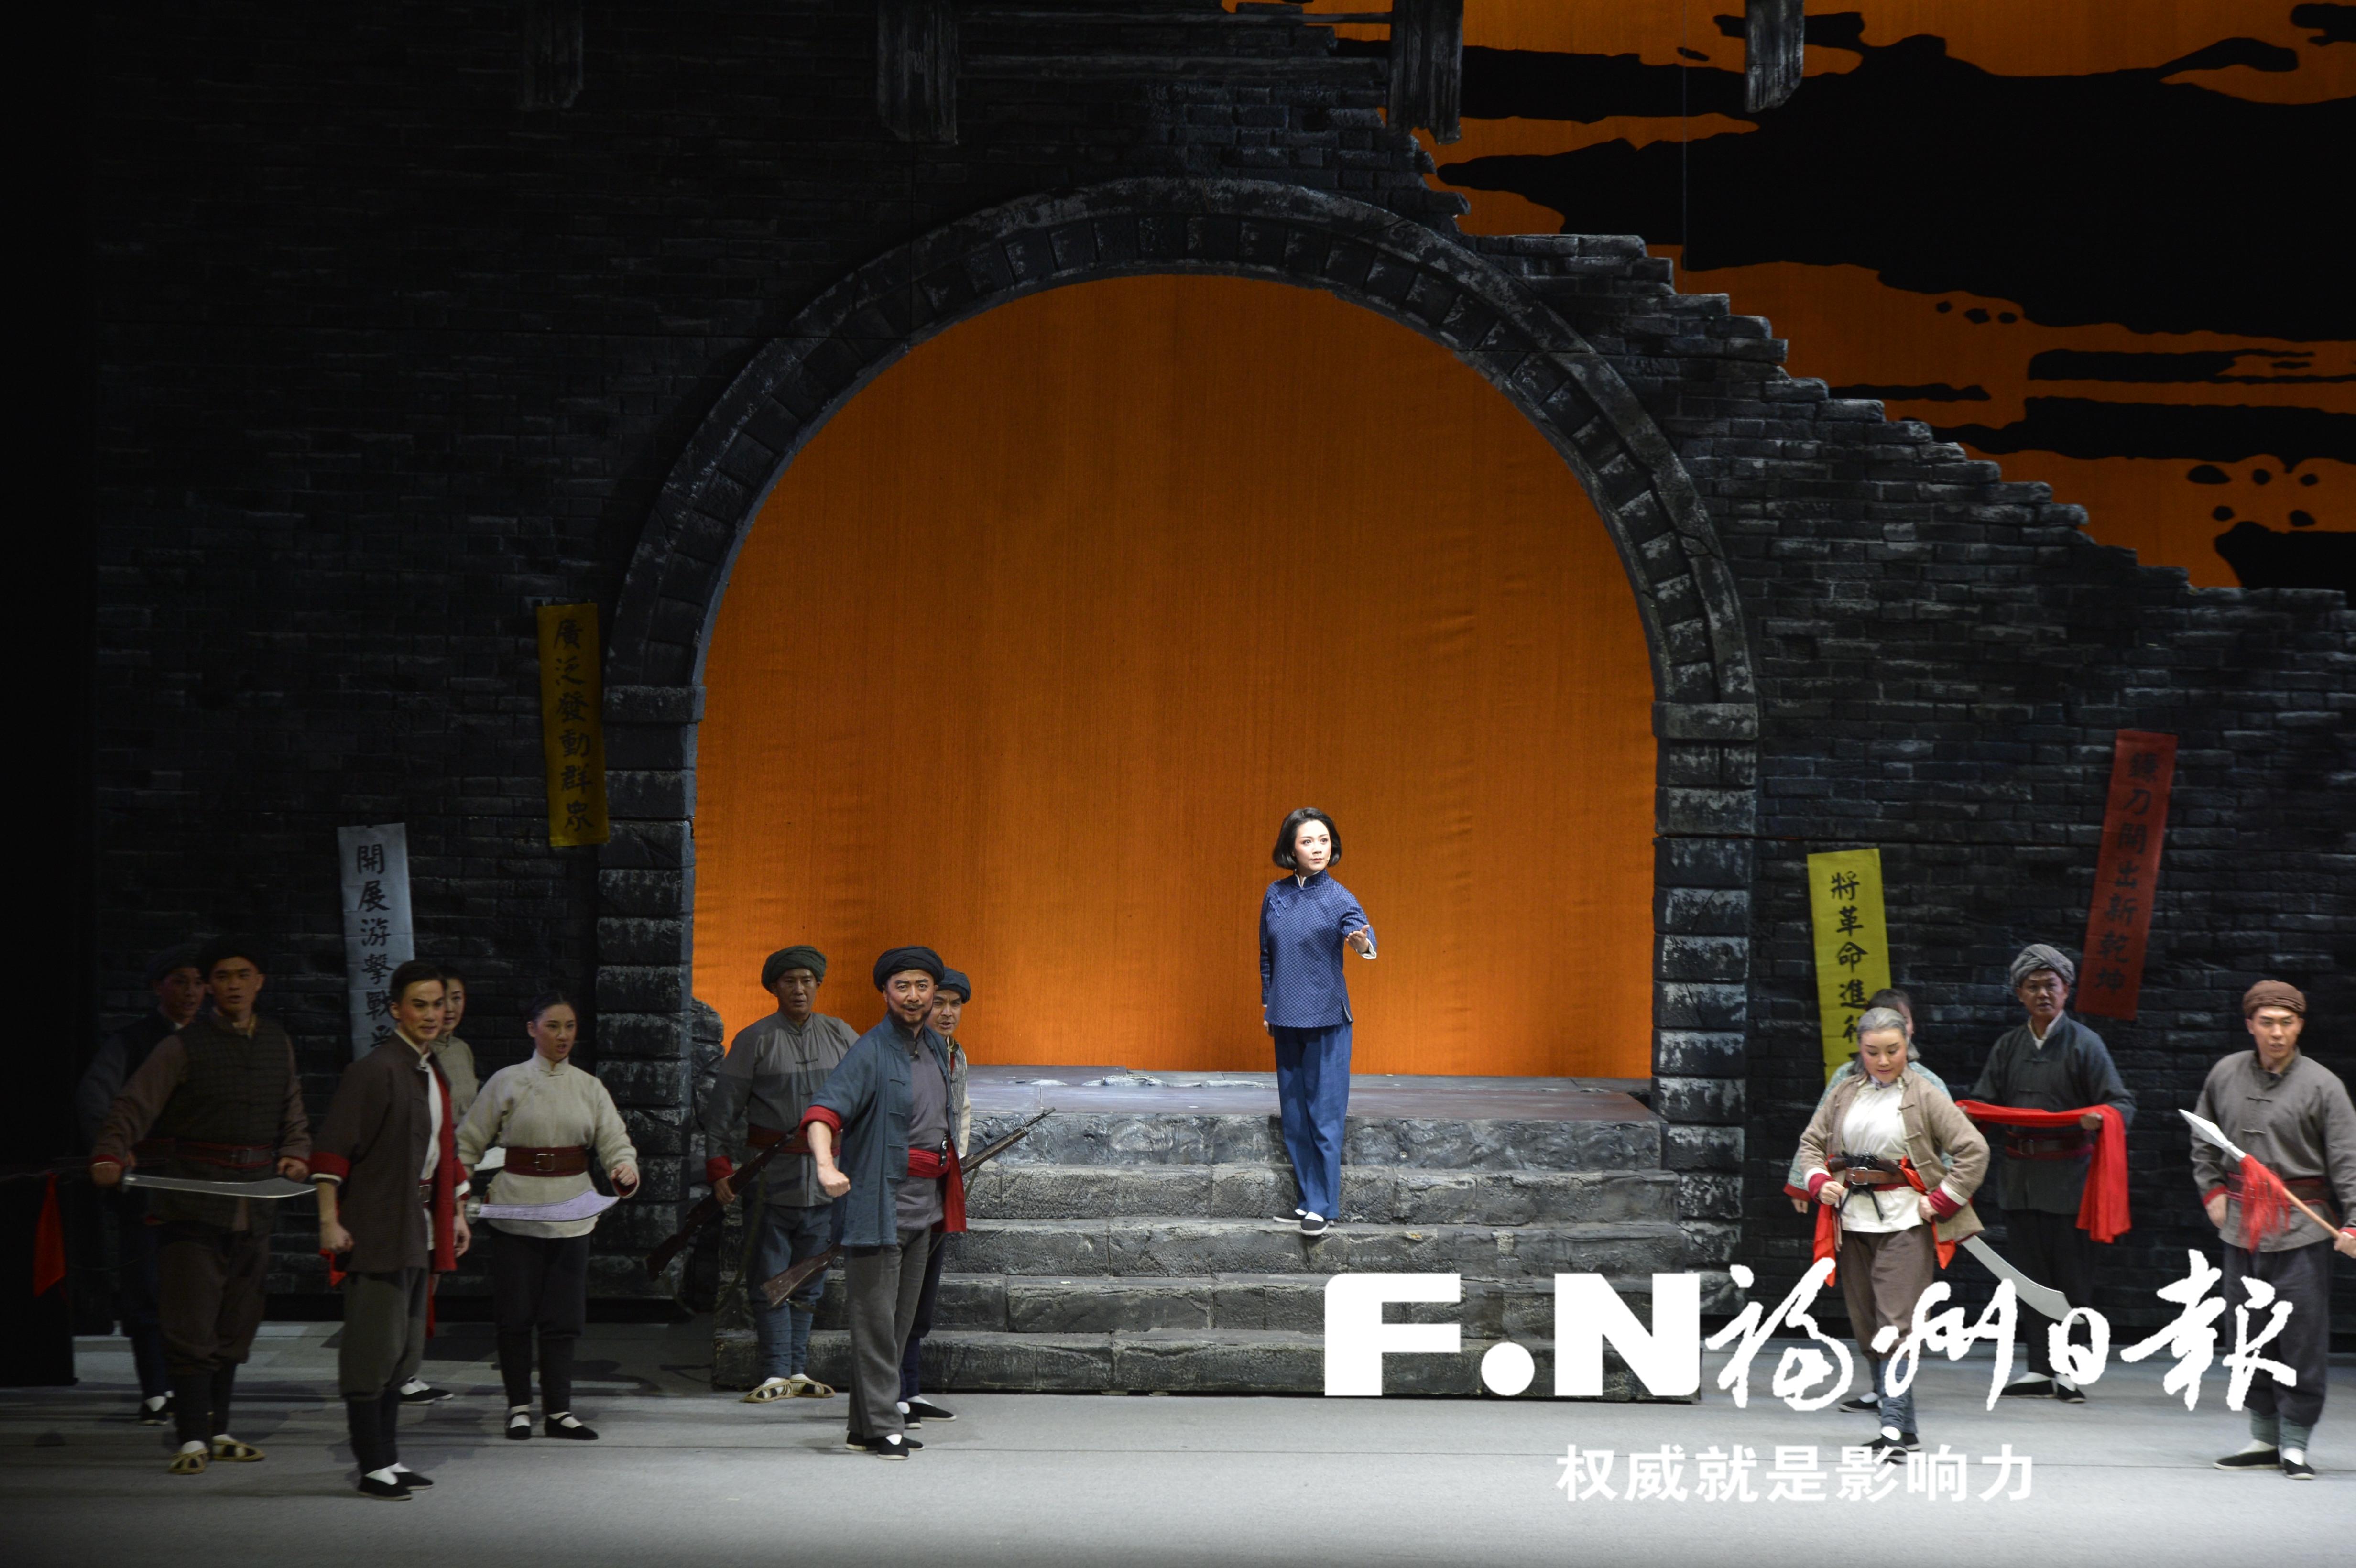 川剧《江姐》献演戏剧节 观众感受到信念的力量